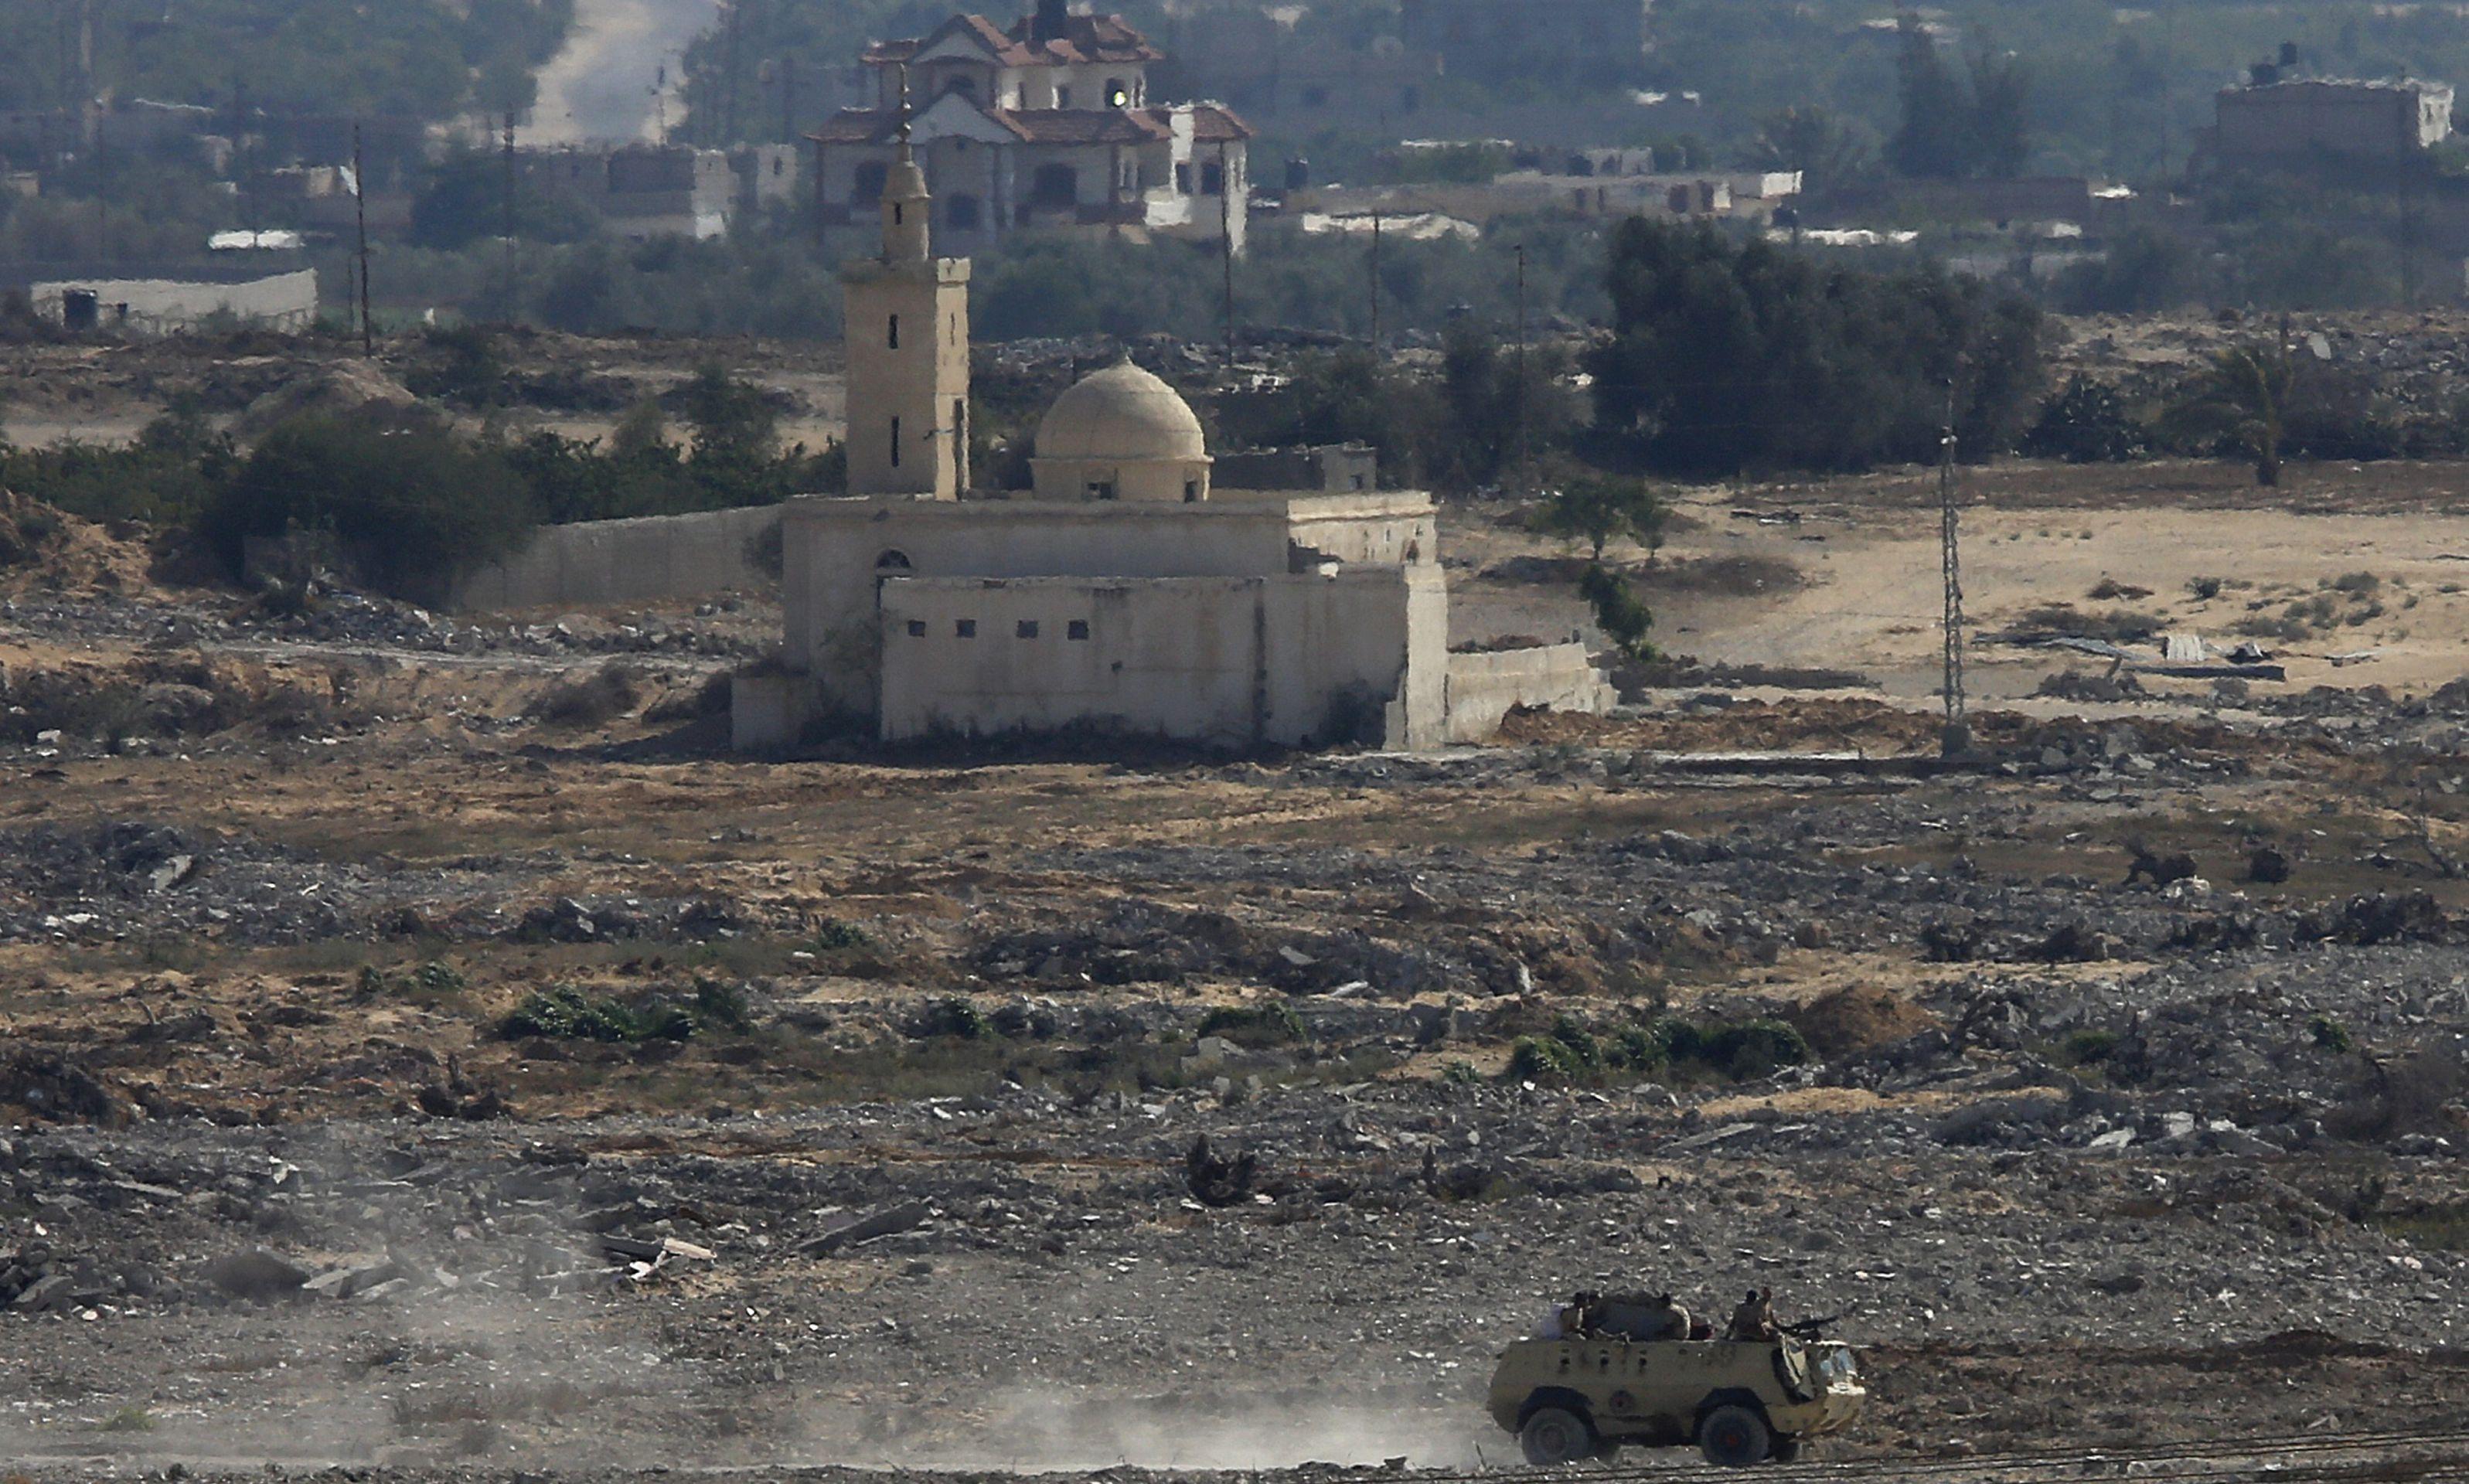 Deset vojnika ubijeno u eksploziji bombi na Sinaju